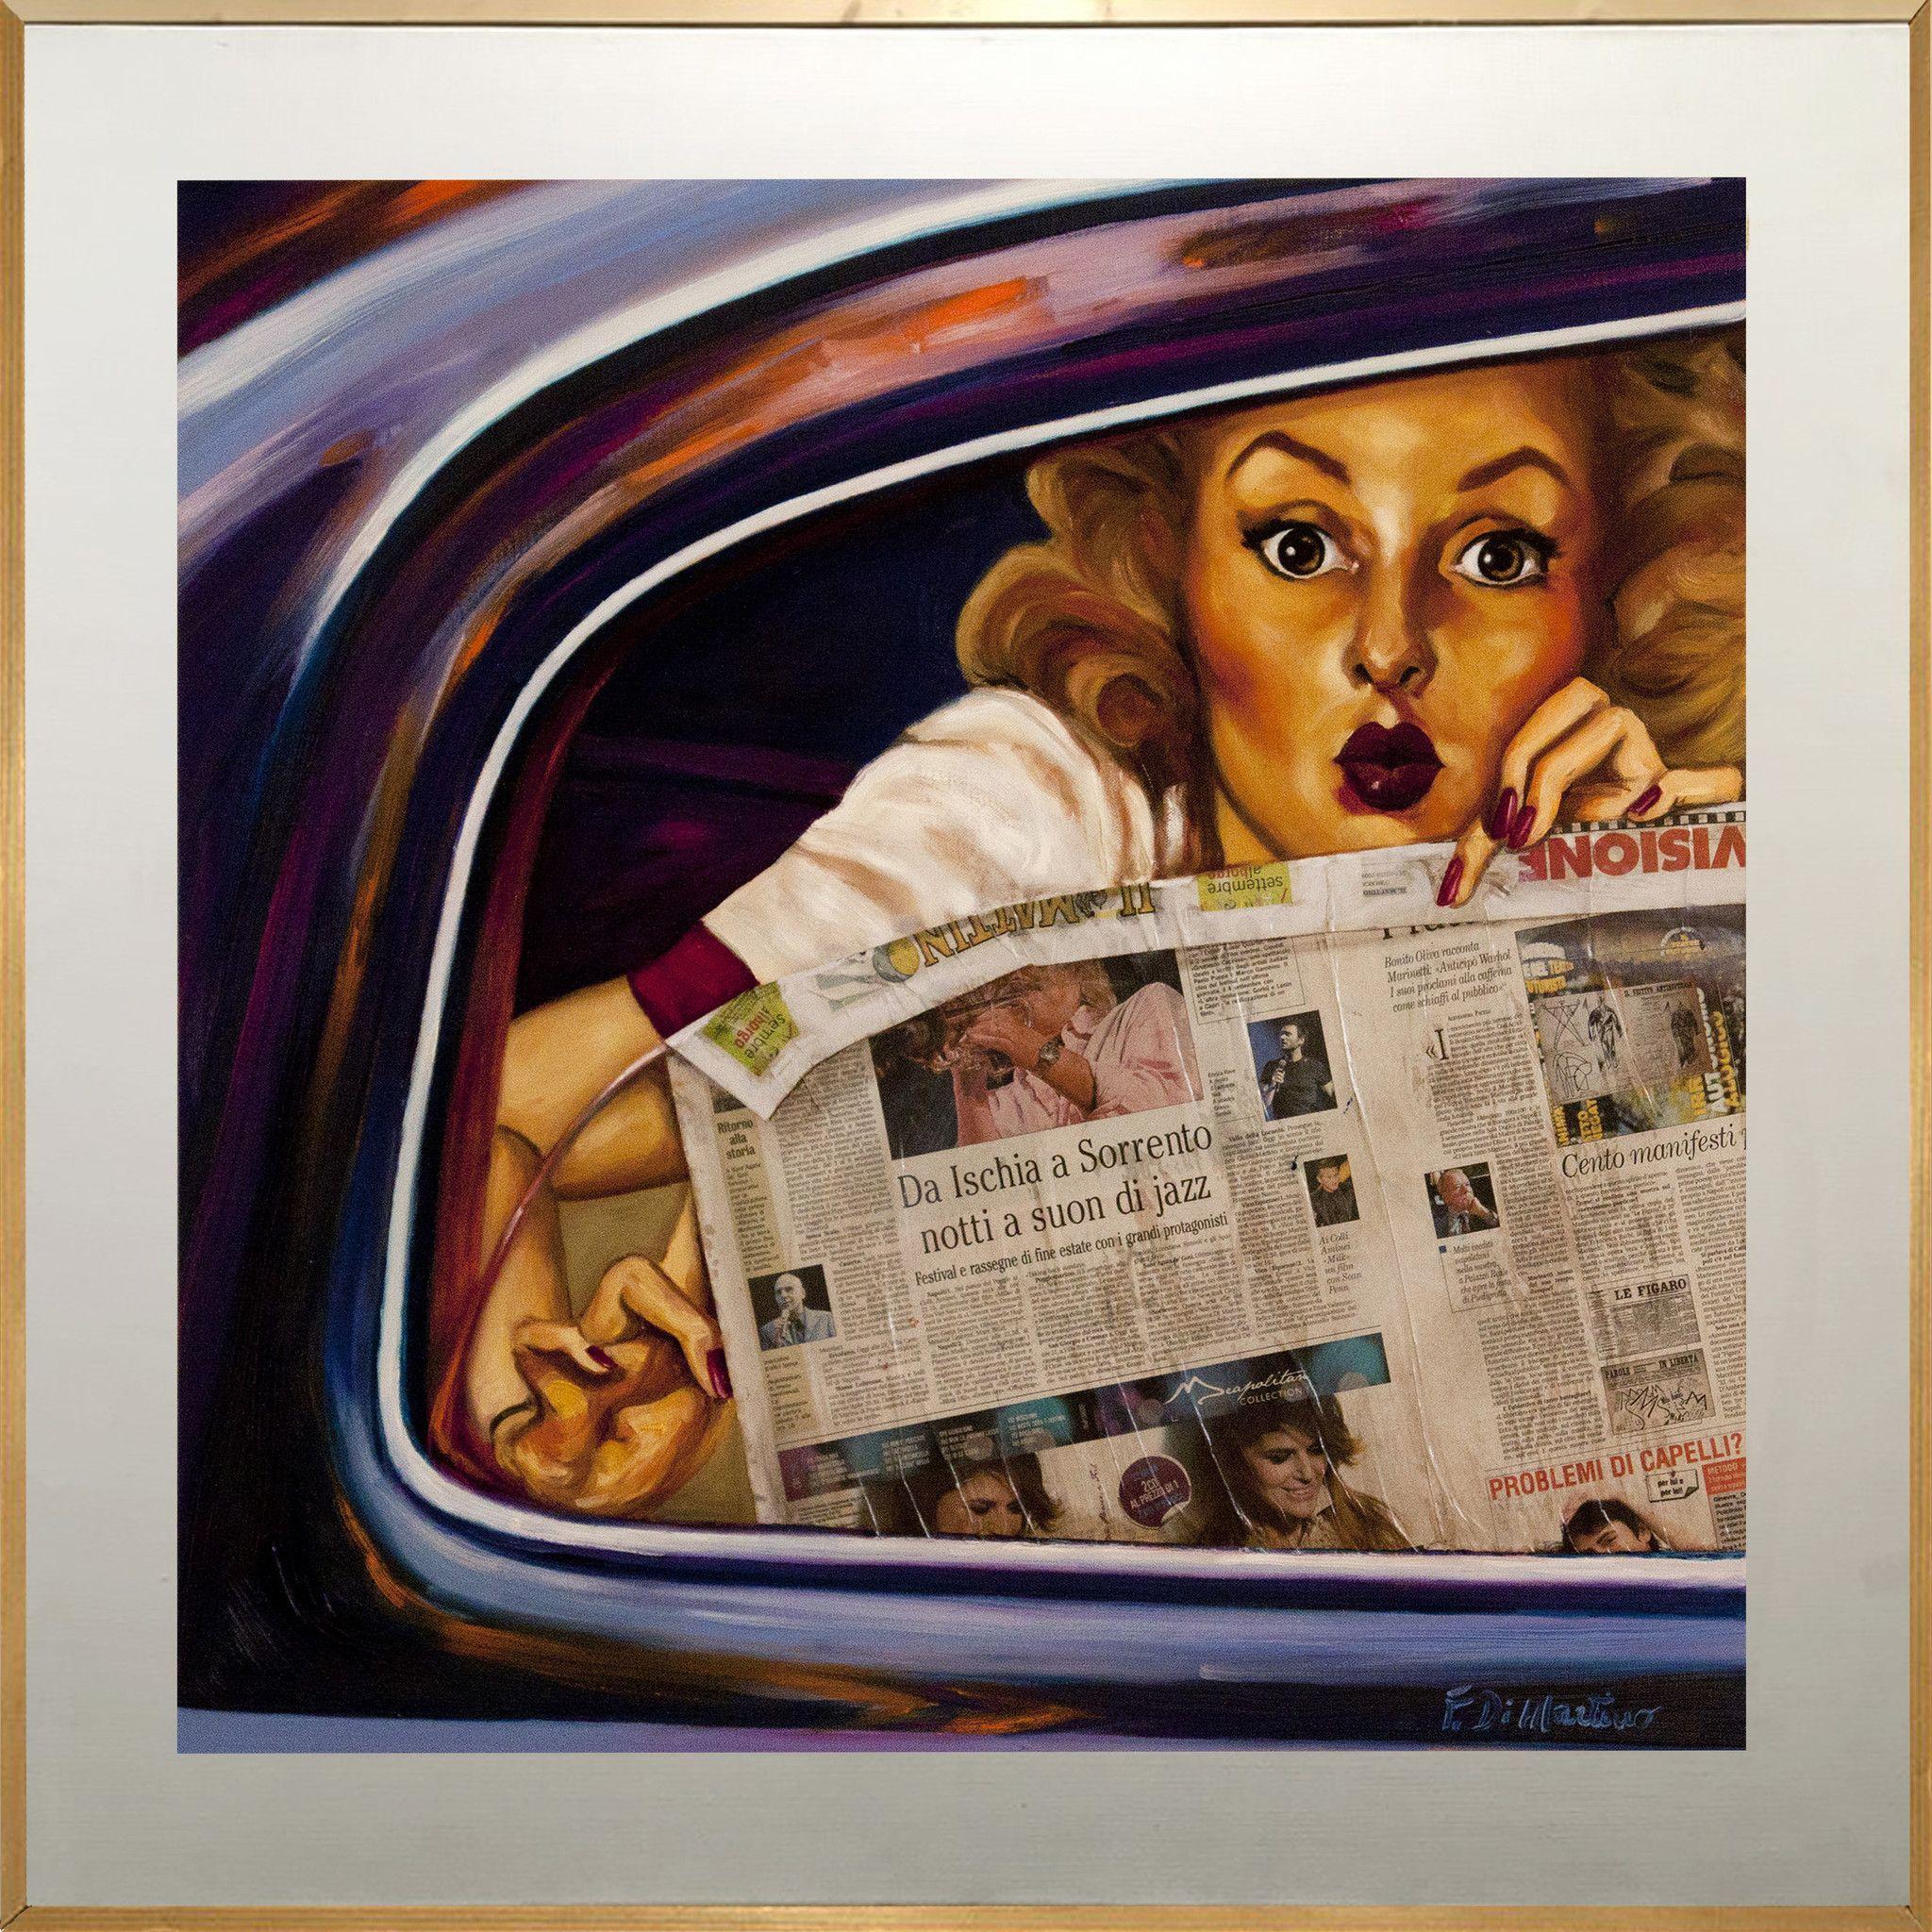 PROMOZIONE #artistadelmese MIXED MEDIA FRANCESCA DI MARTINO ' PIN UP '  dimensioni L 100 x H 100 cm.